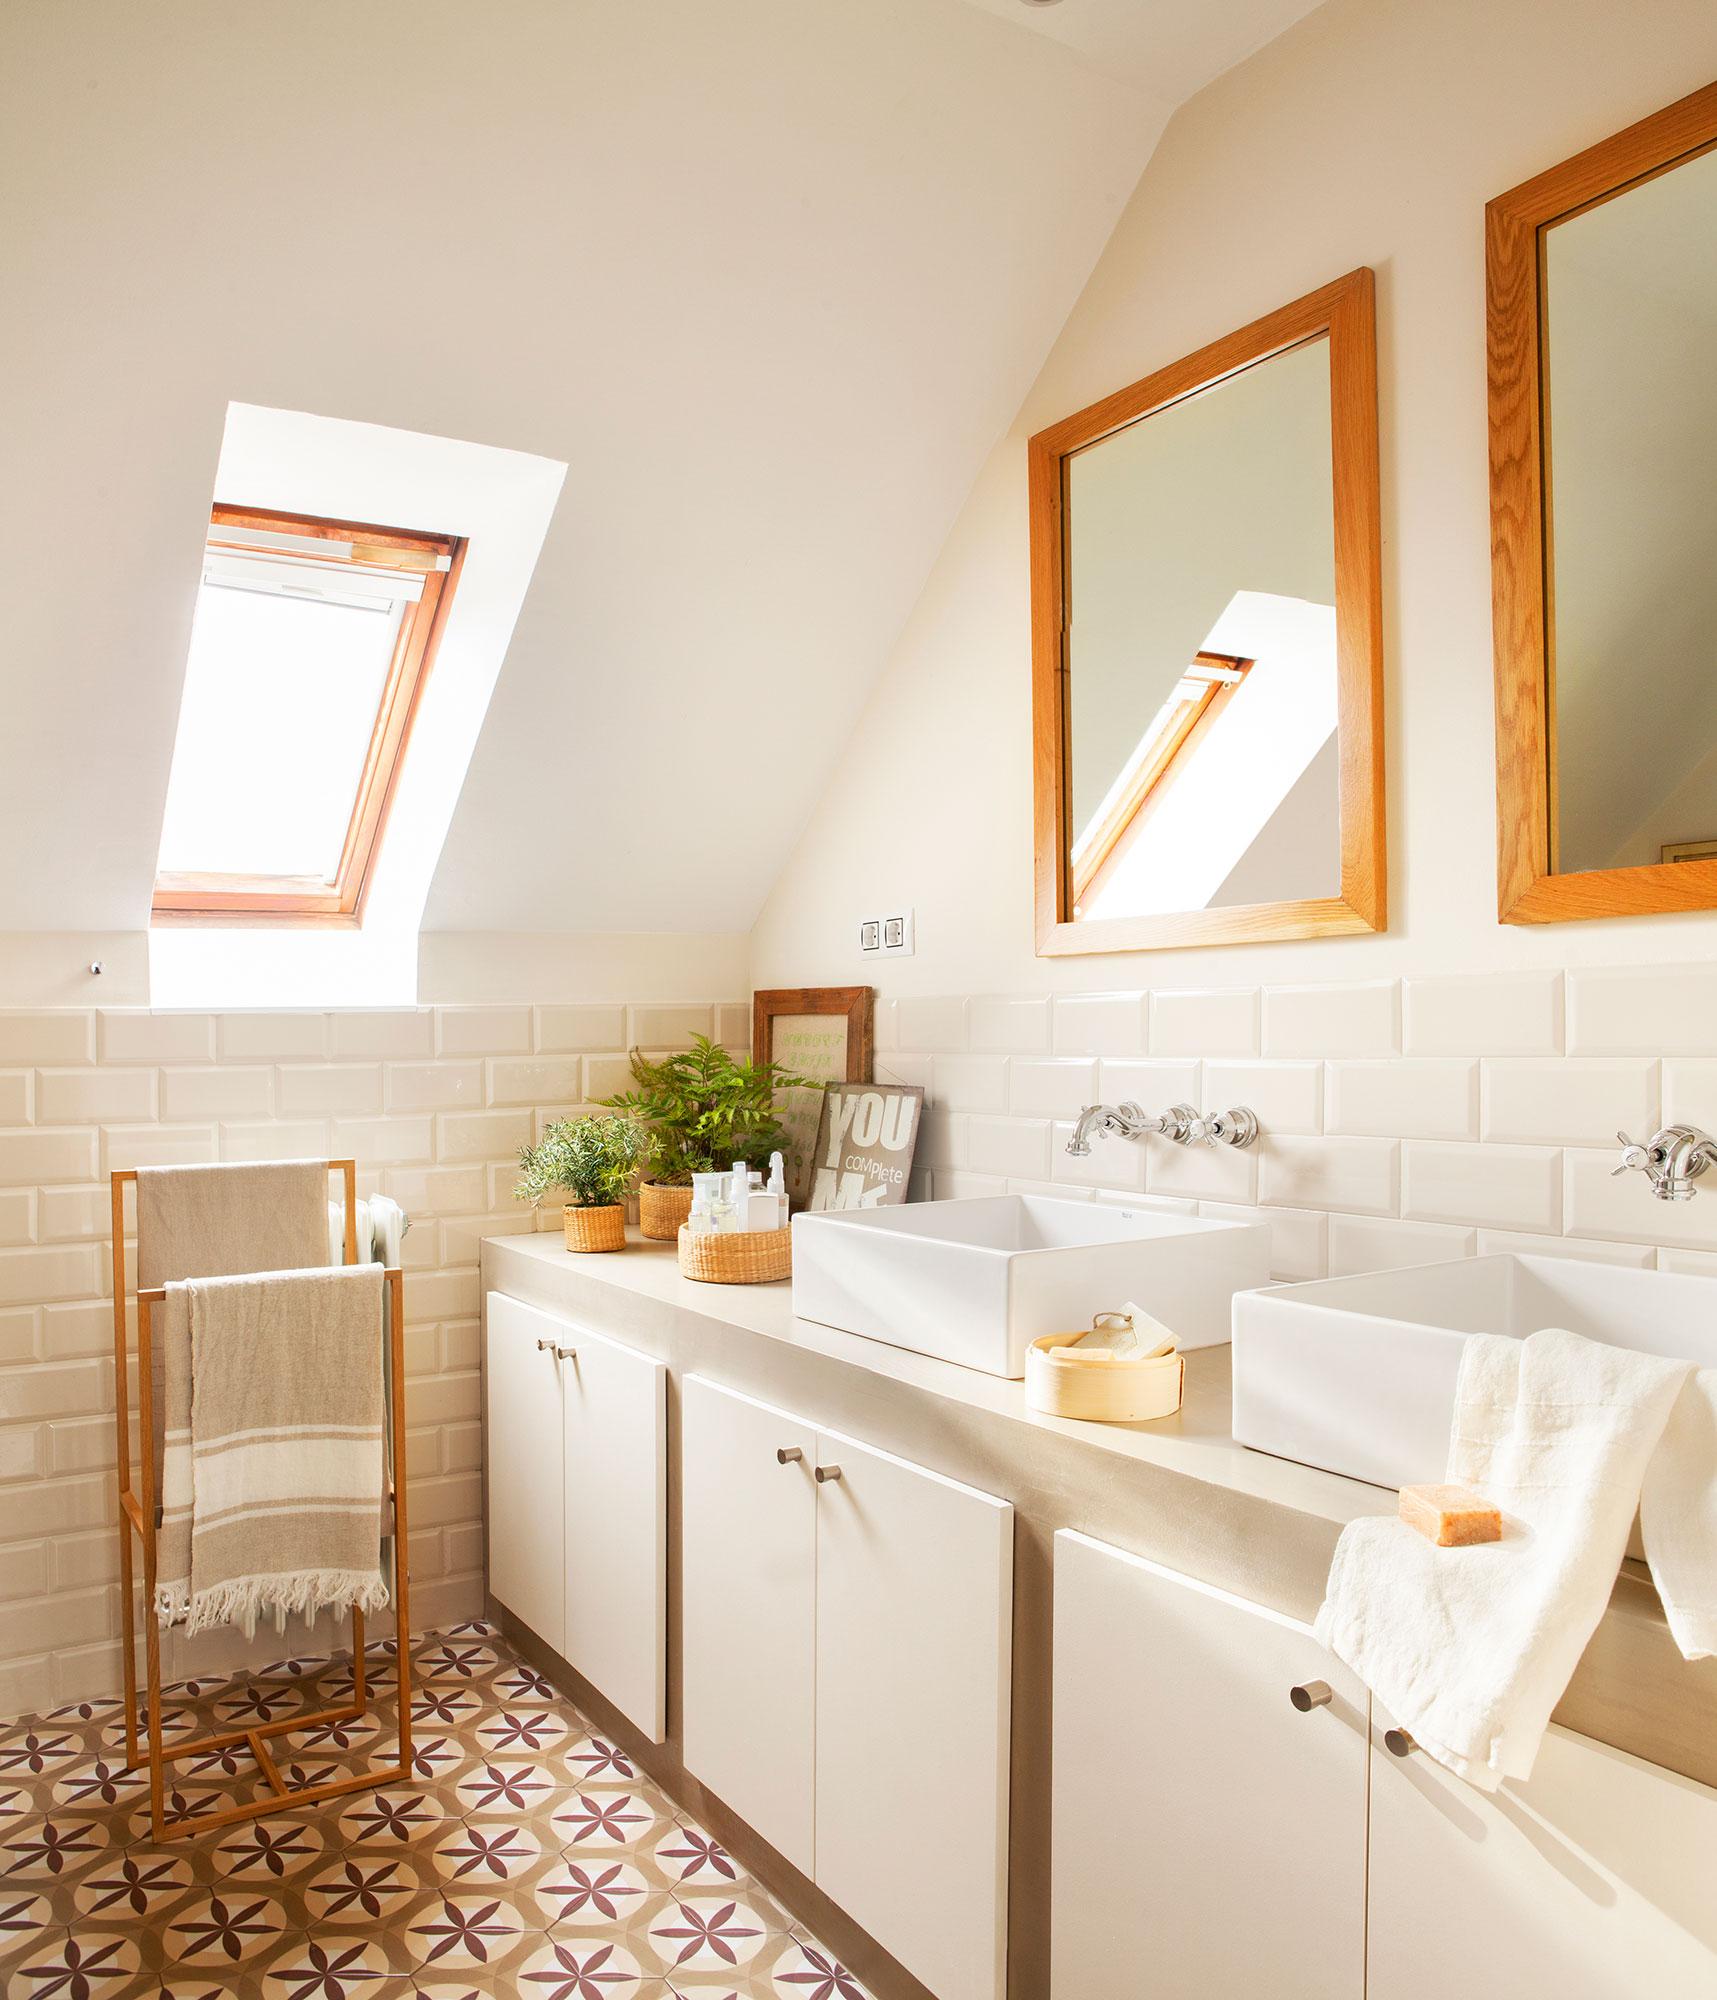 bao en blanco con dos lavamanos y mueble de obra